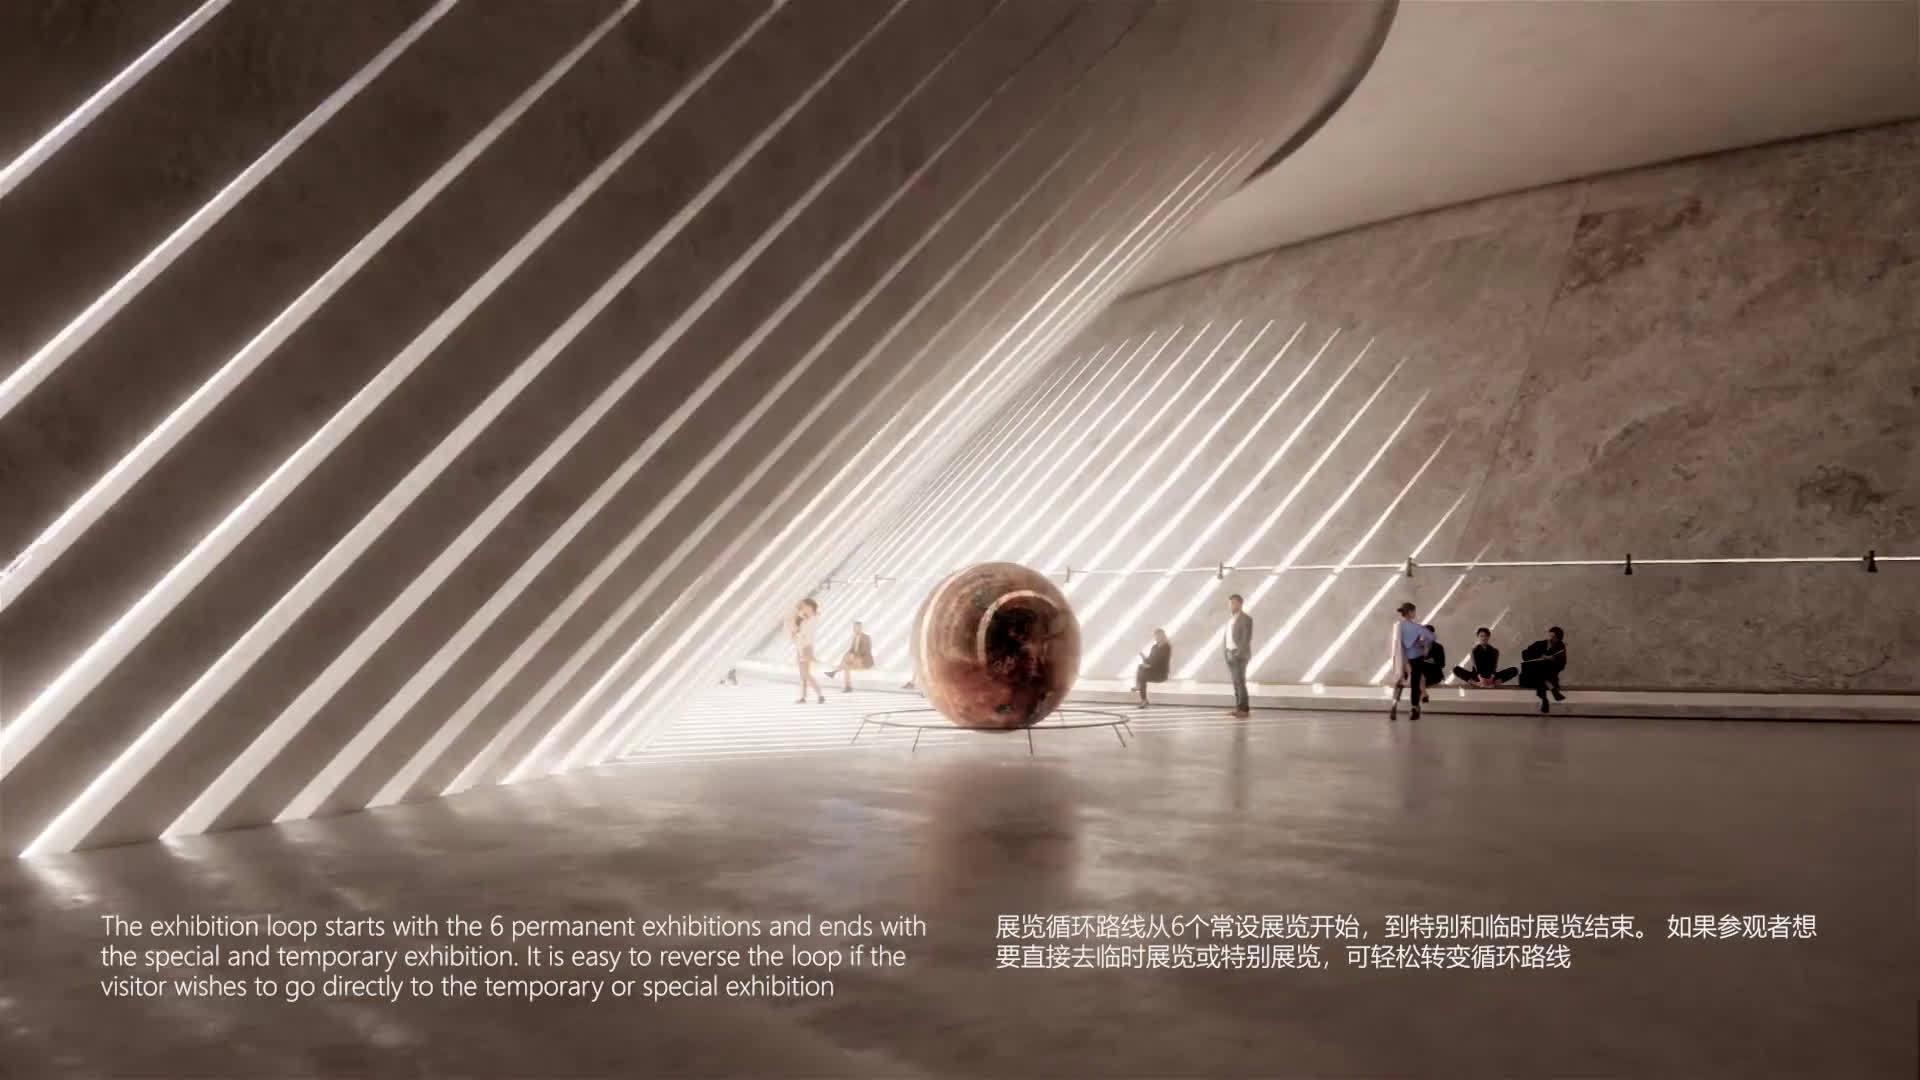 落户坪山的深圳首家自然博物馆,长这样!